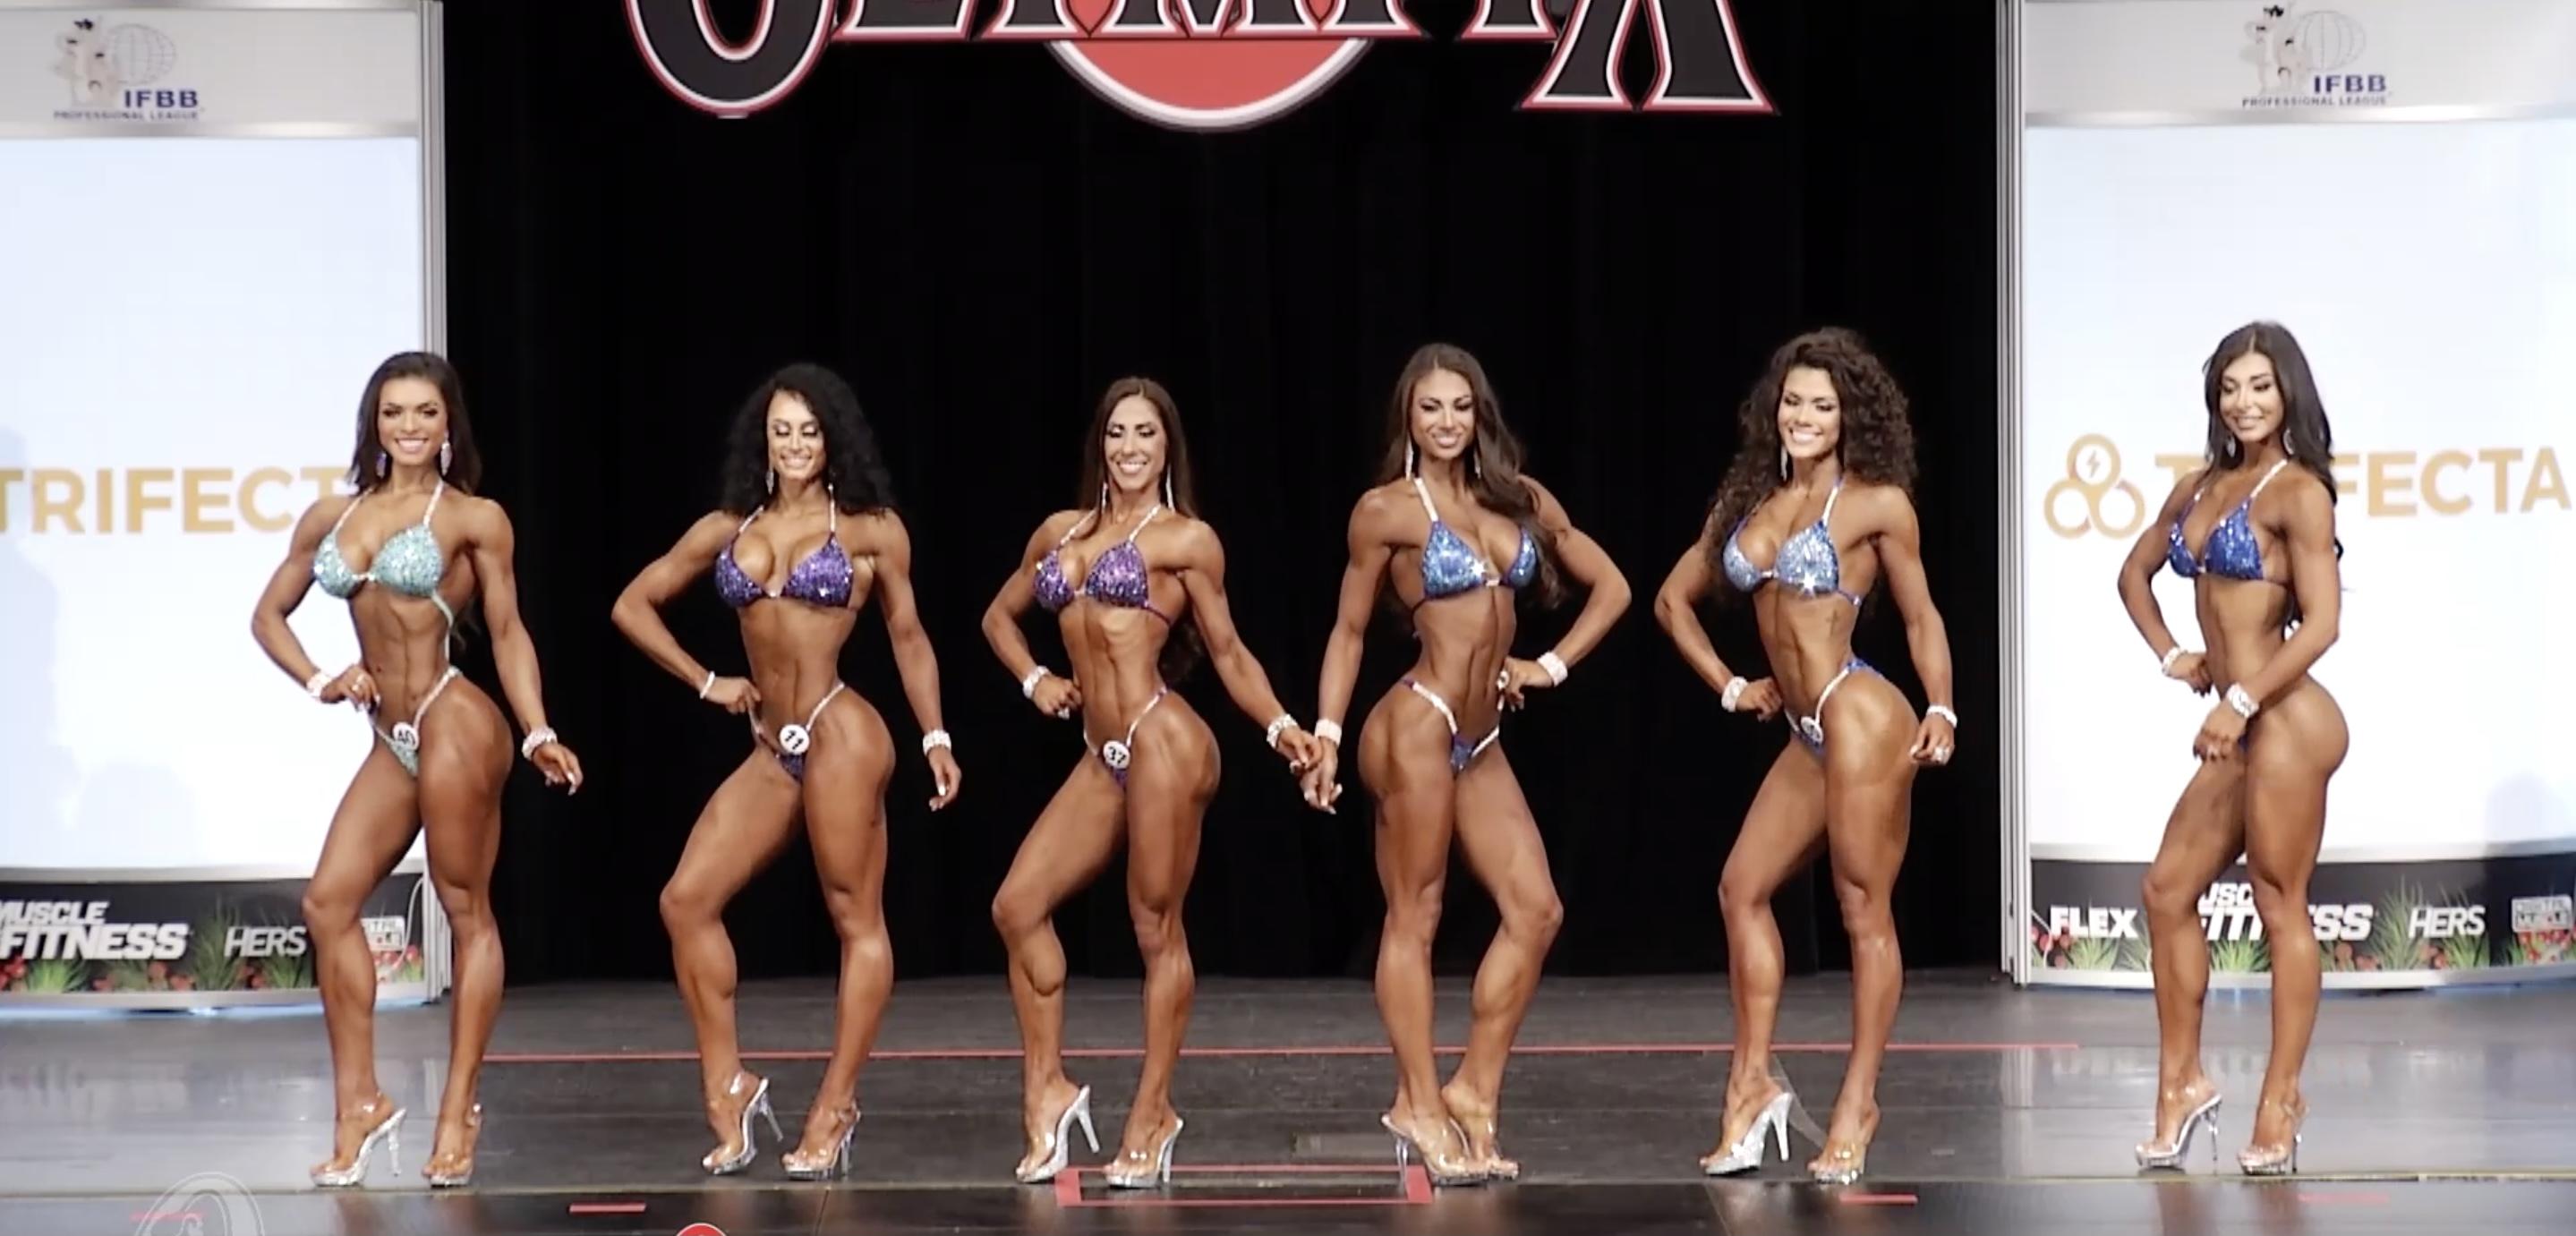 Olympia 2020 Bikini 7th callout Top 6